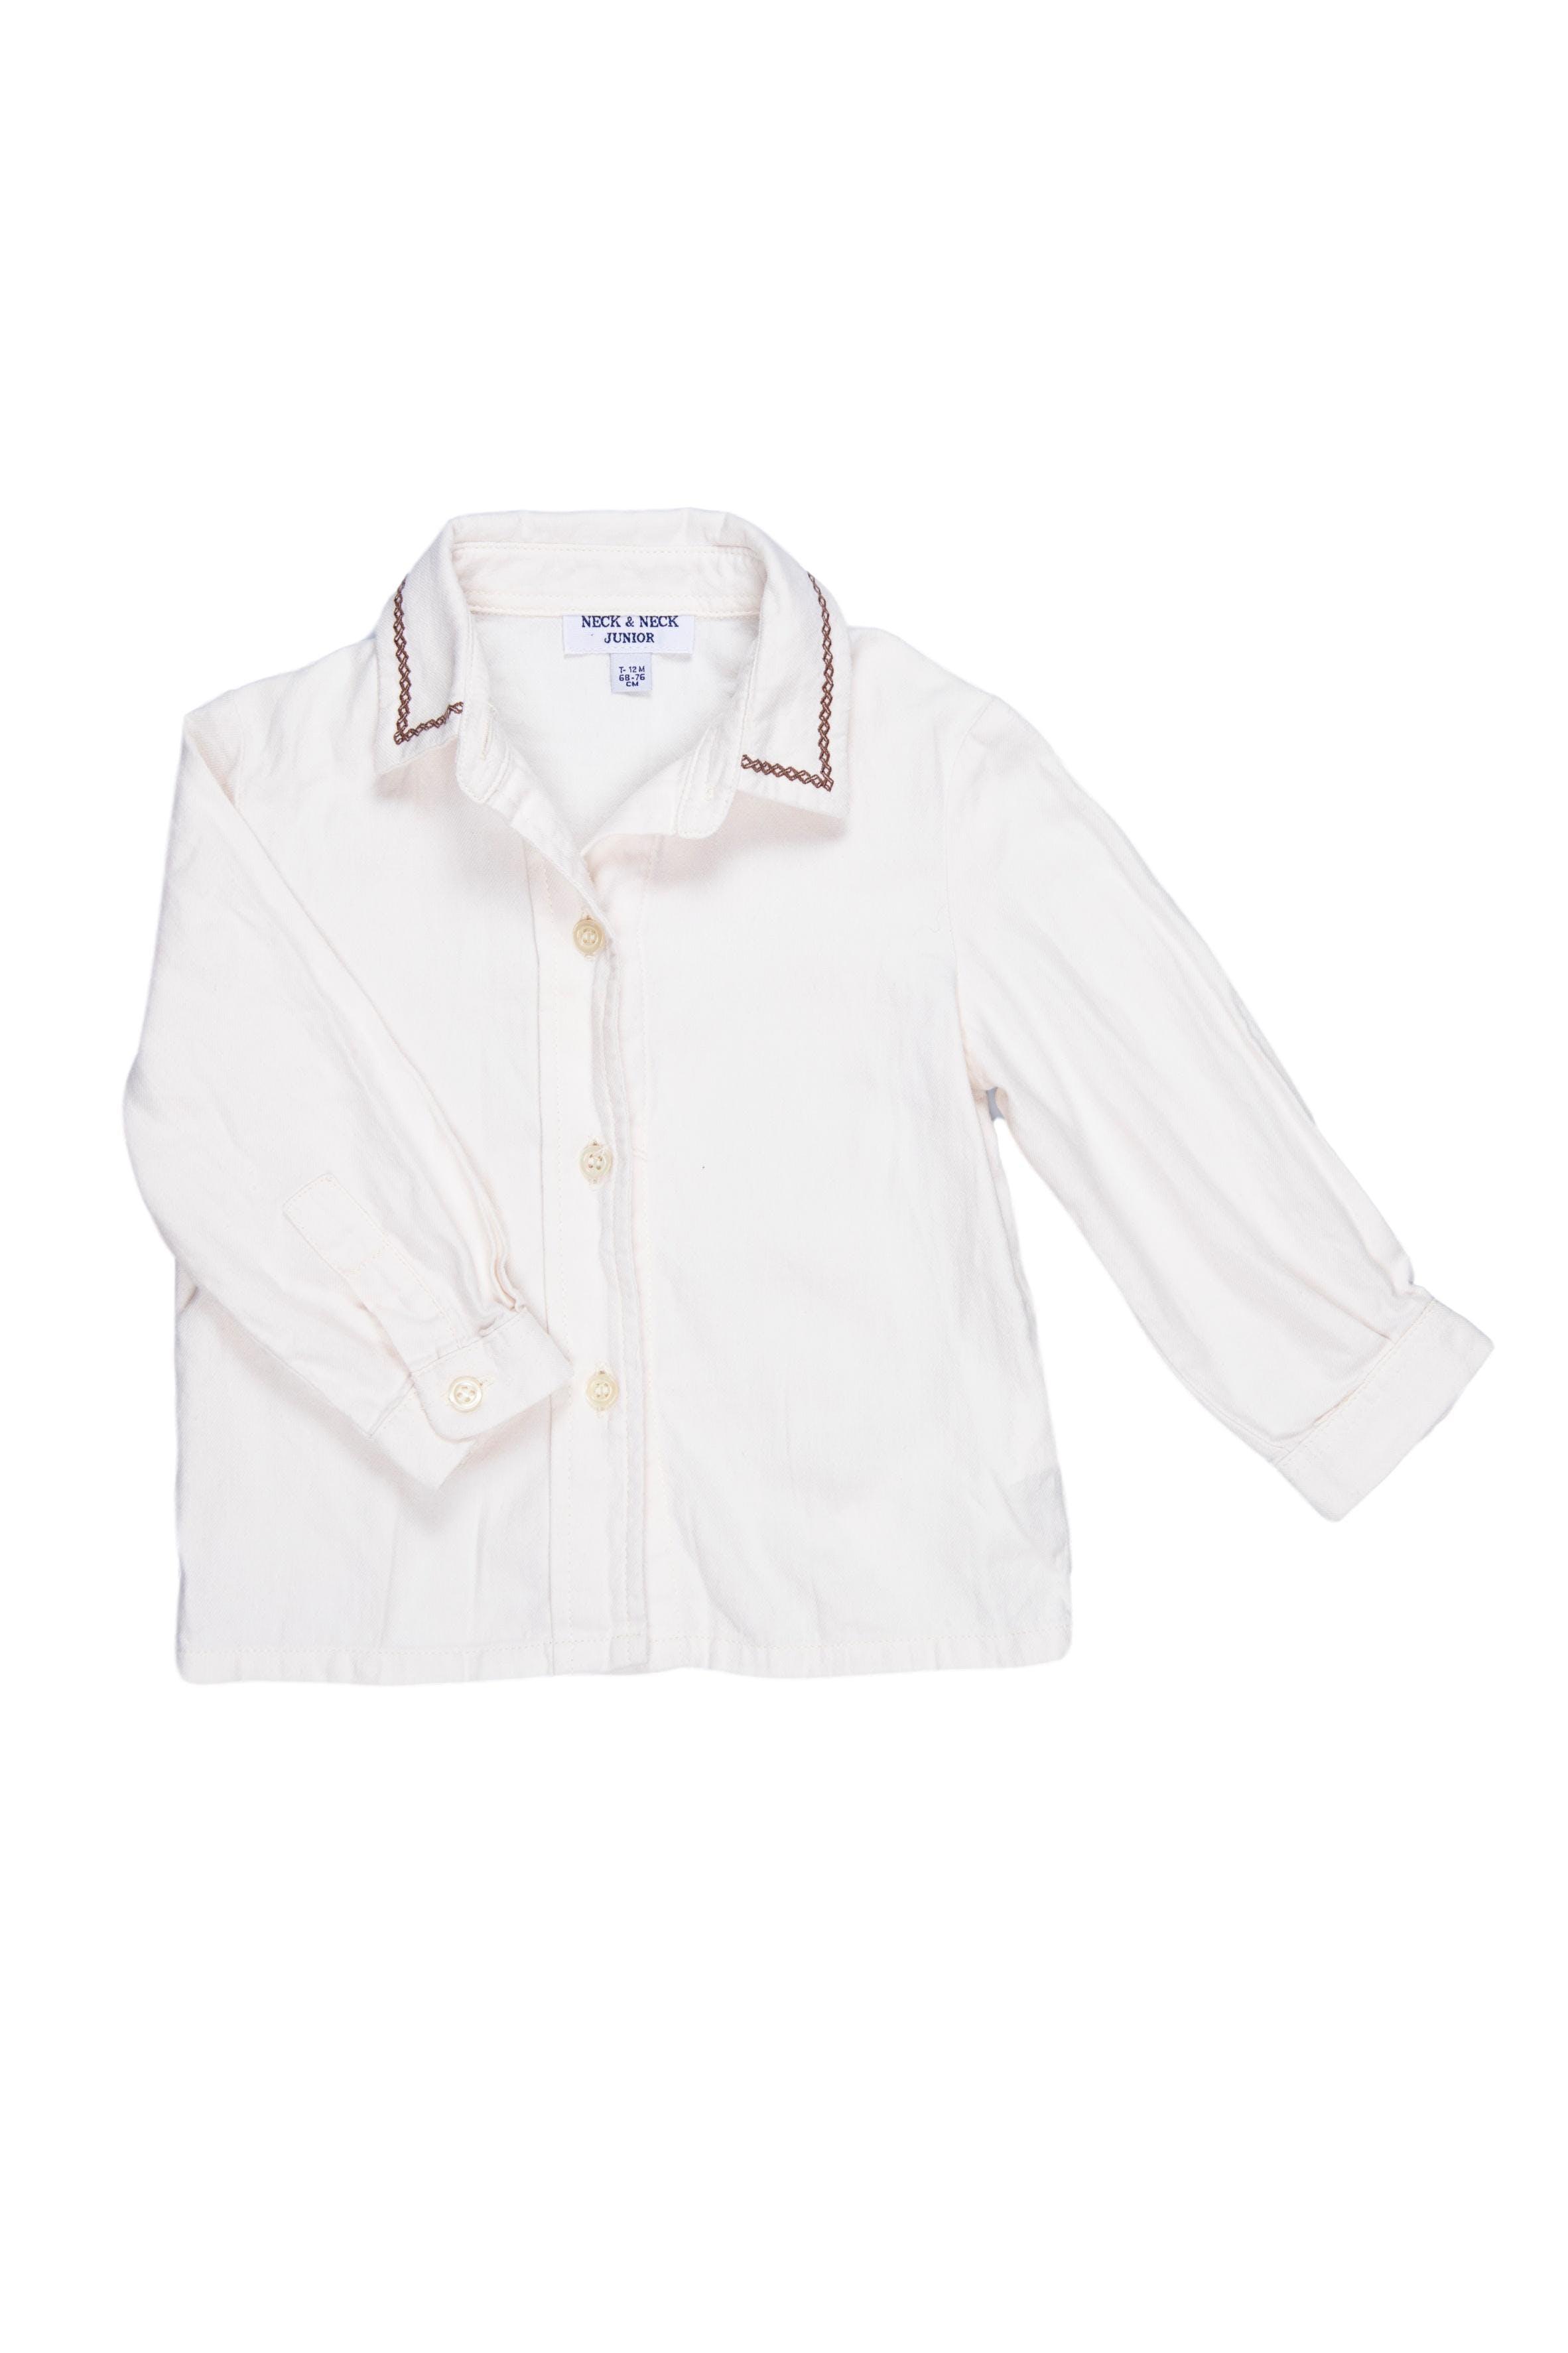 Camisa crema con cuello bordado marrón 100% algodón, muy suavecita - Neck & Neck